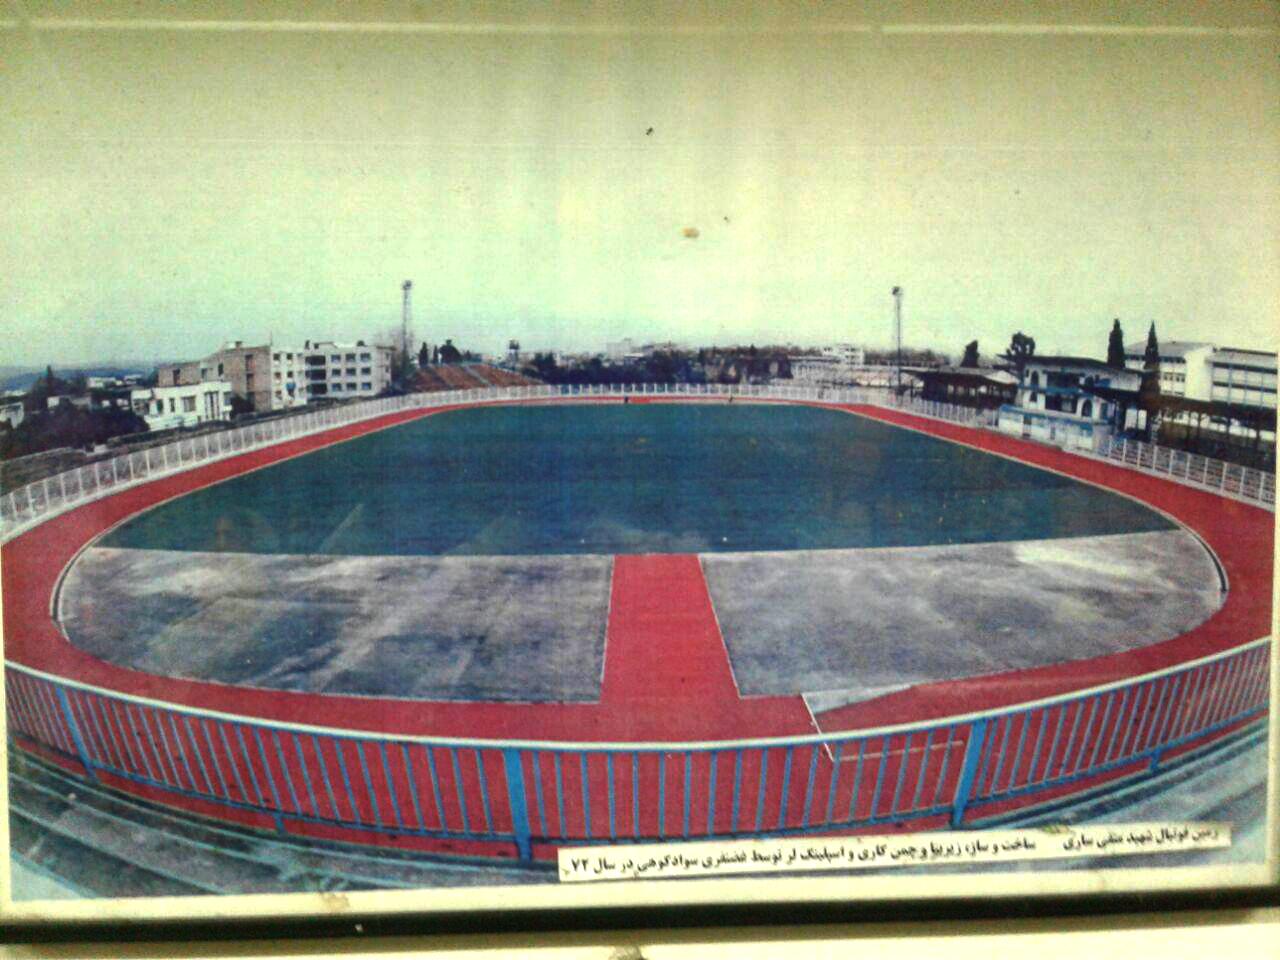 تکلیف آینده ورزشگاه شهید متقی ساری چه خواهد شد!؟